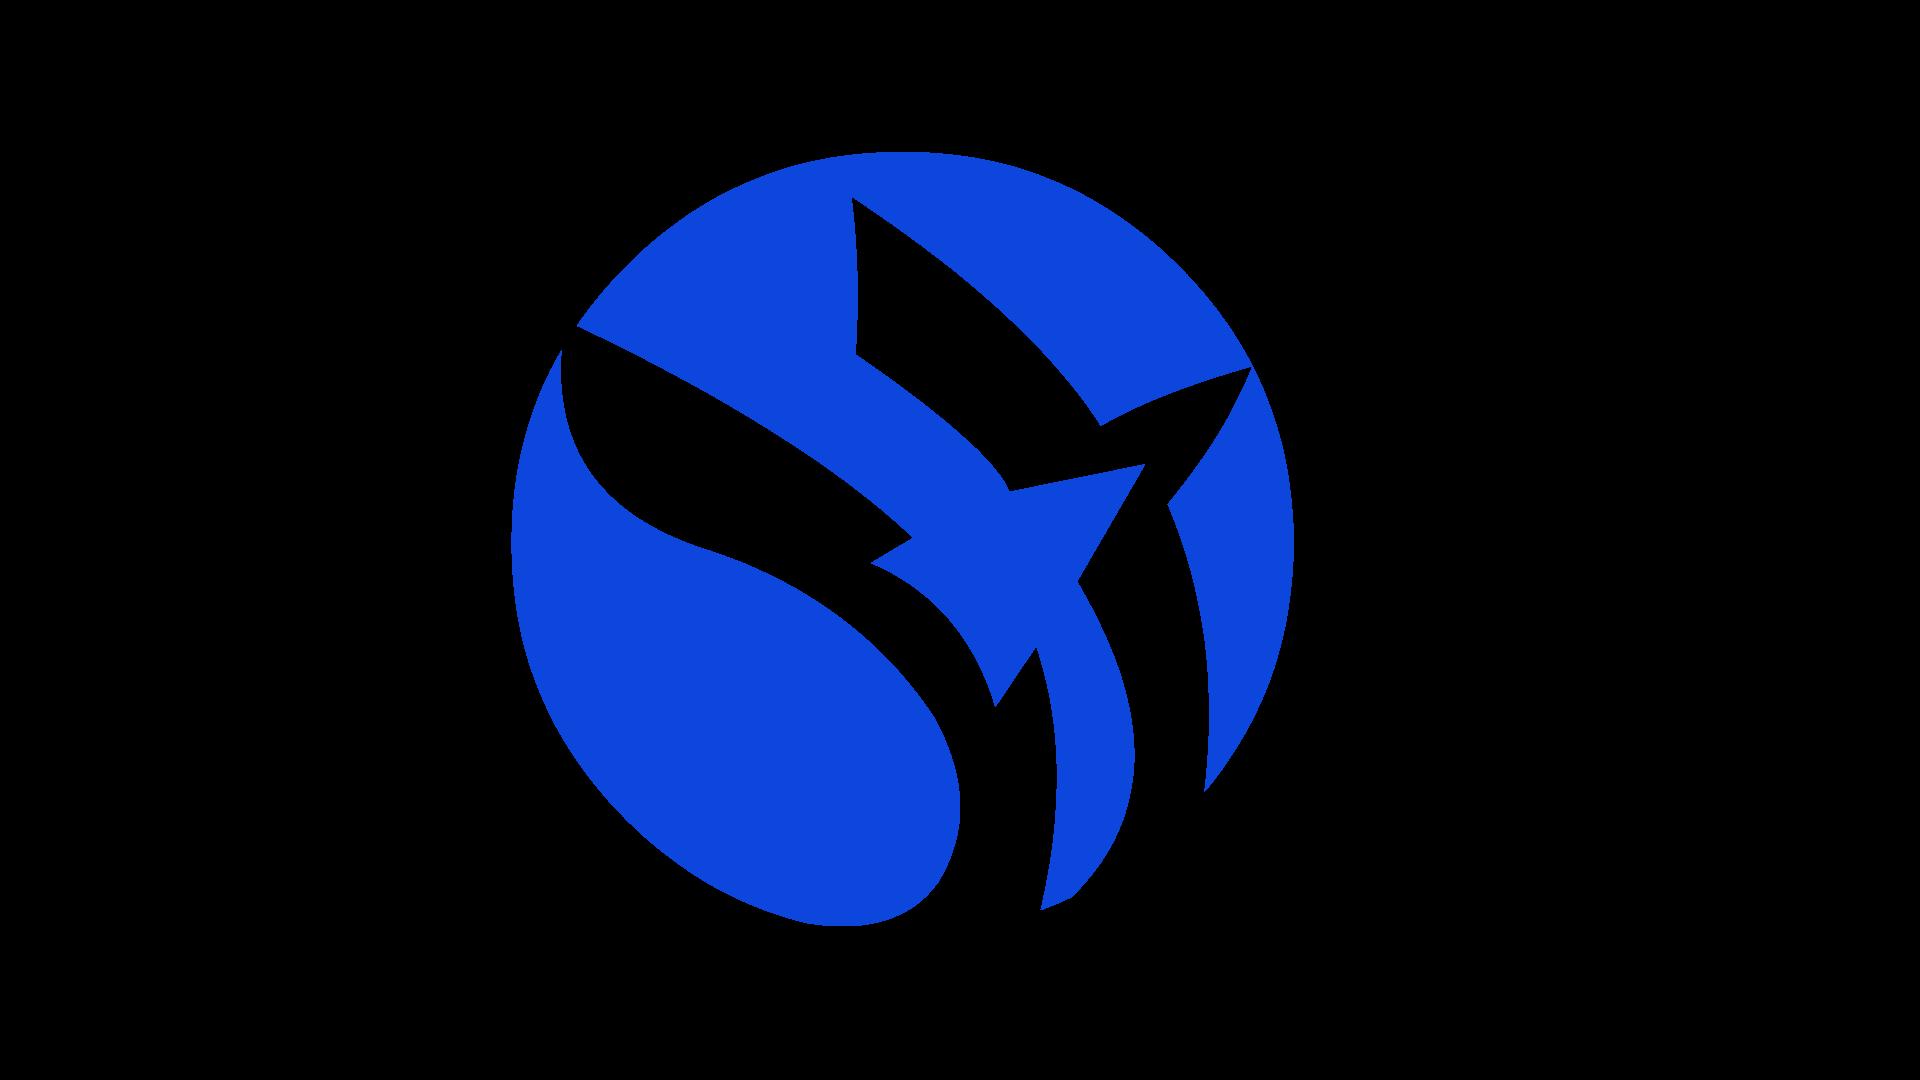 杭州琅骏医疗科技有限公司logo